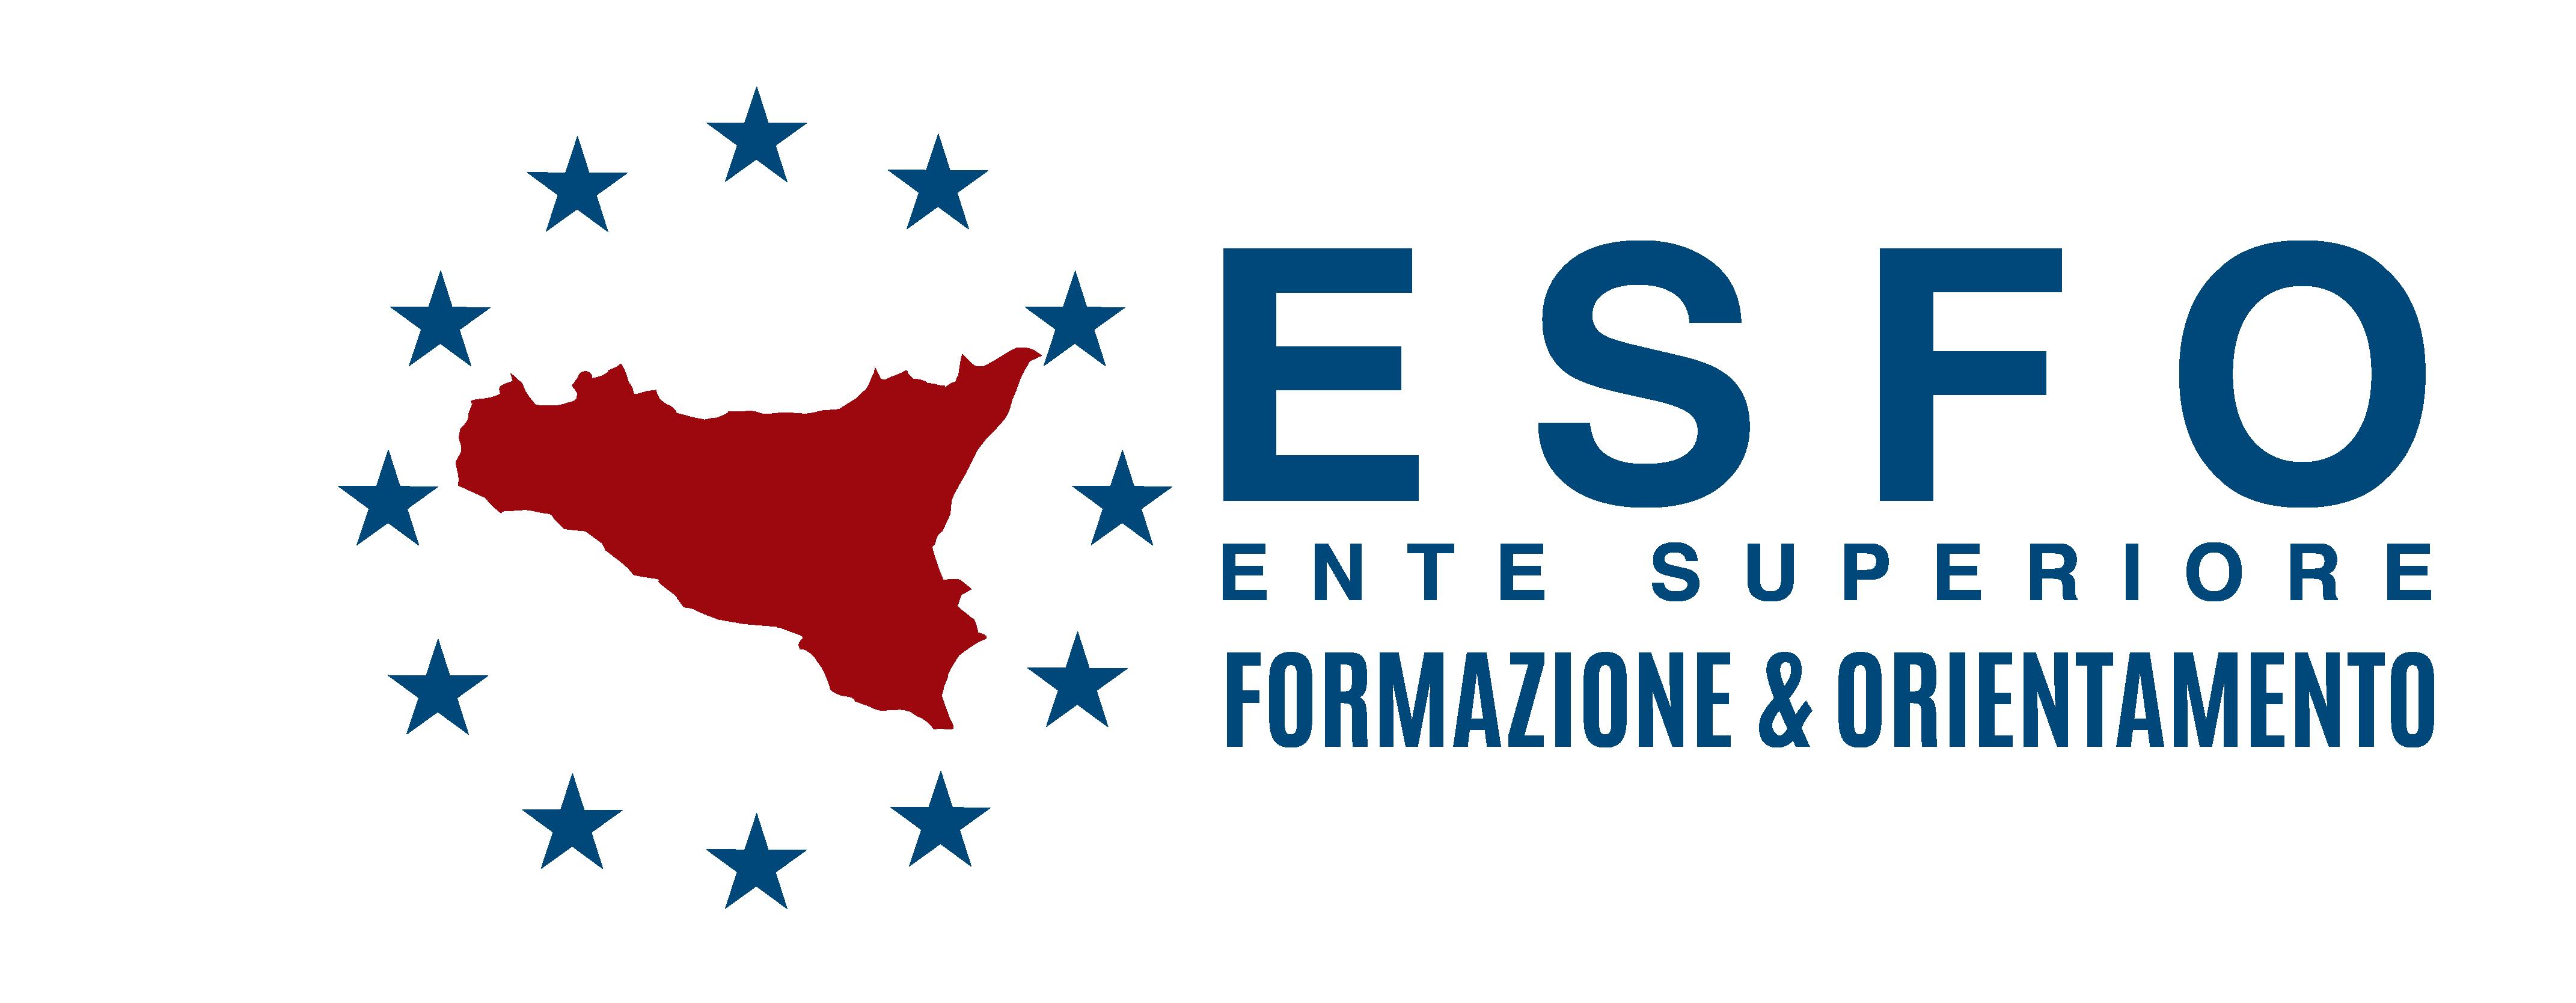 E.S.F.O.